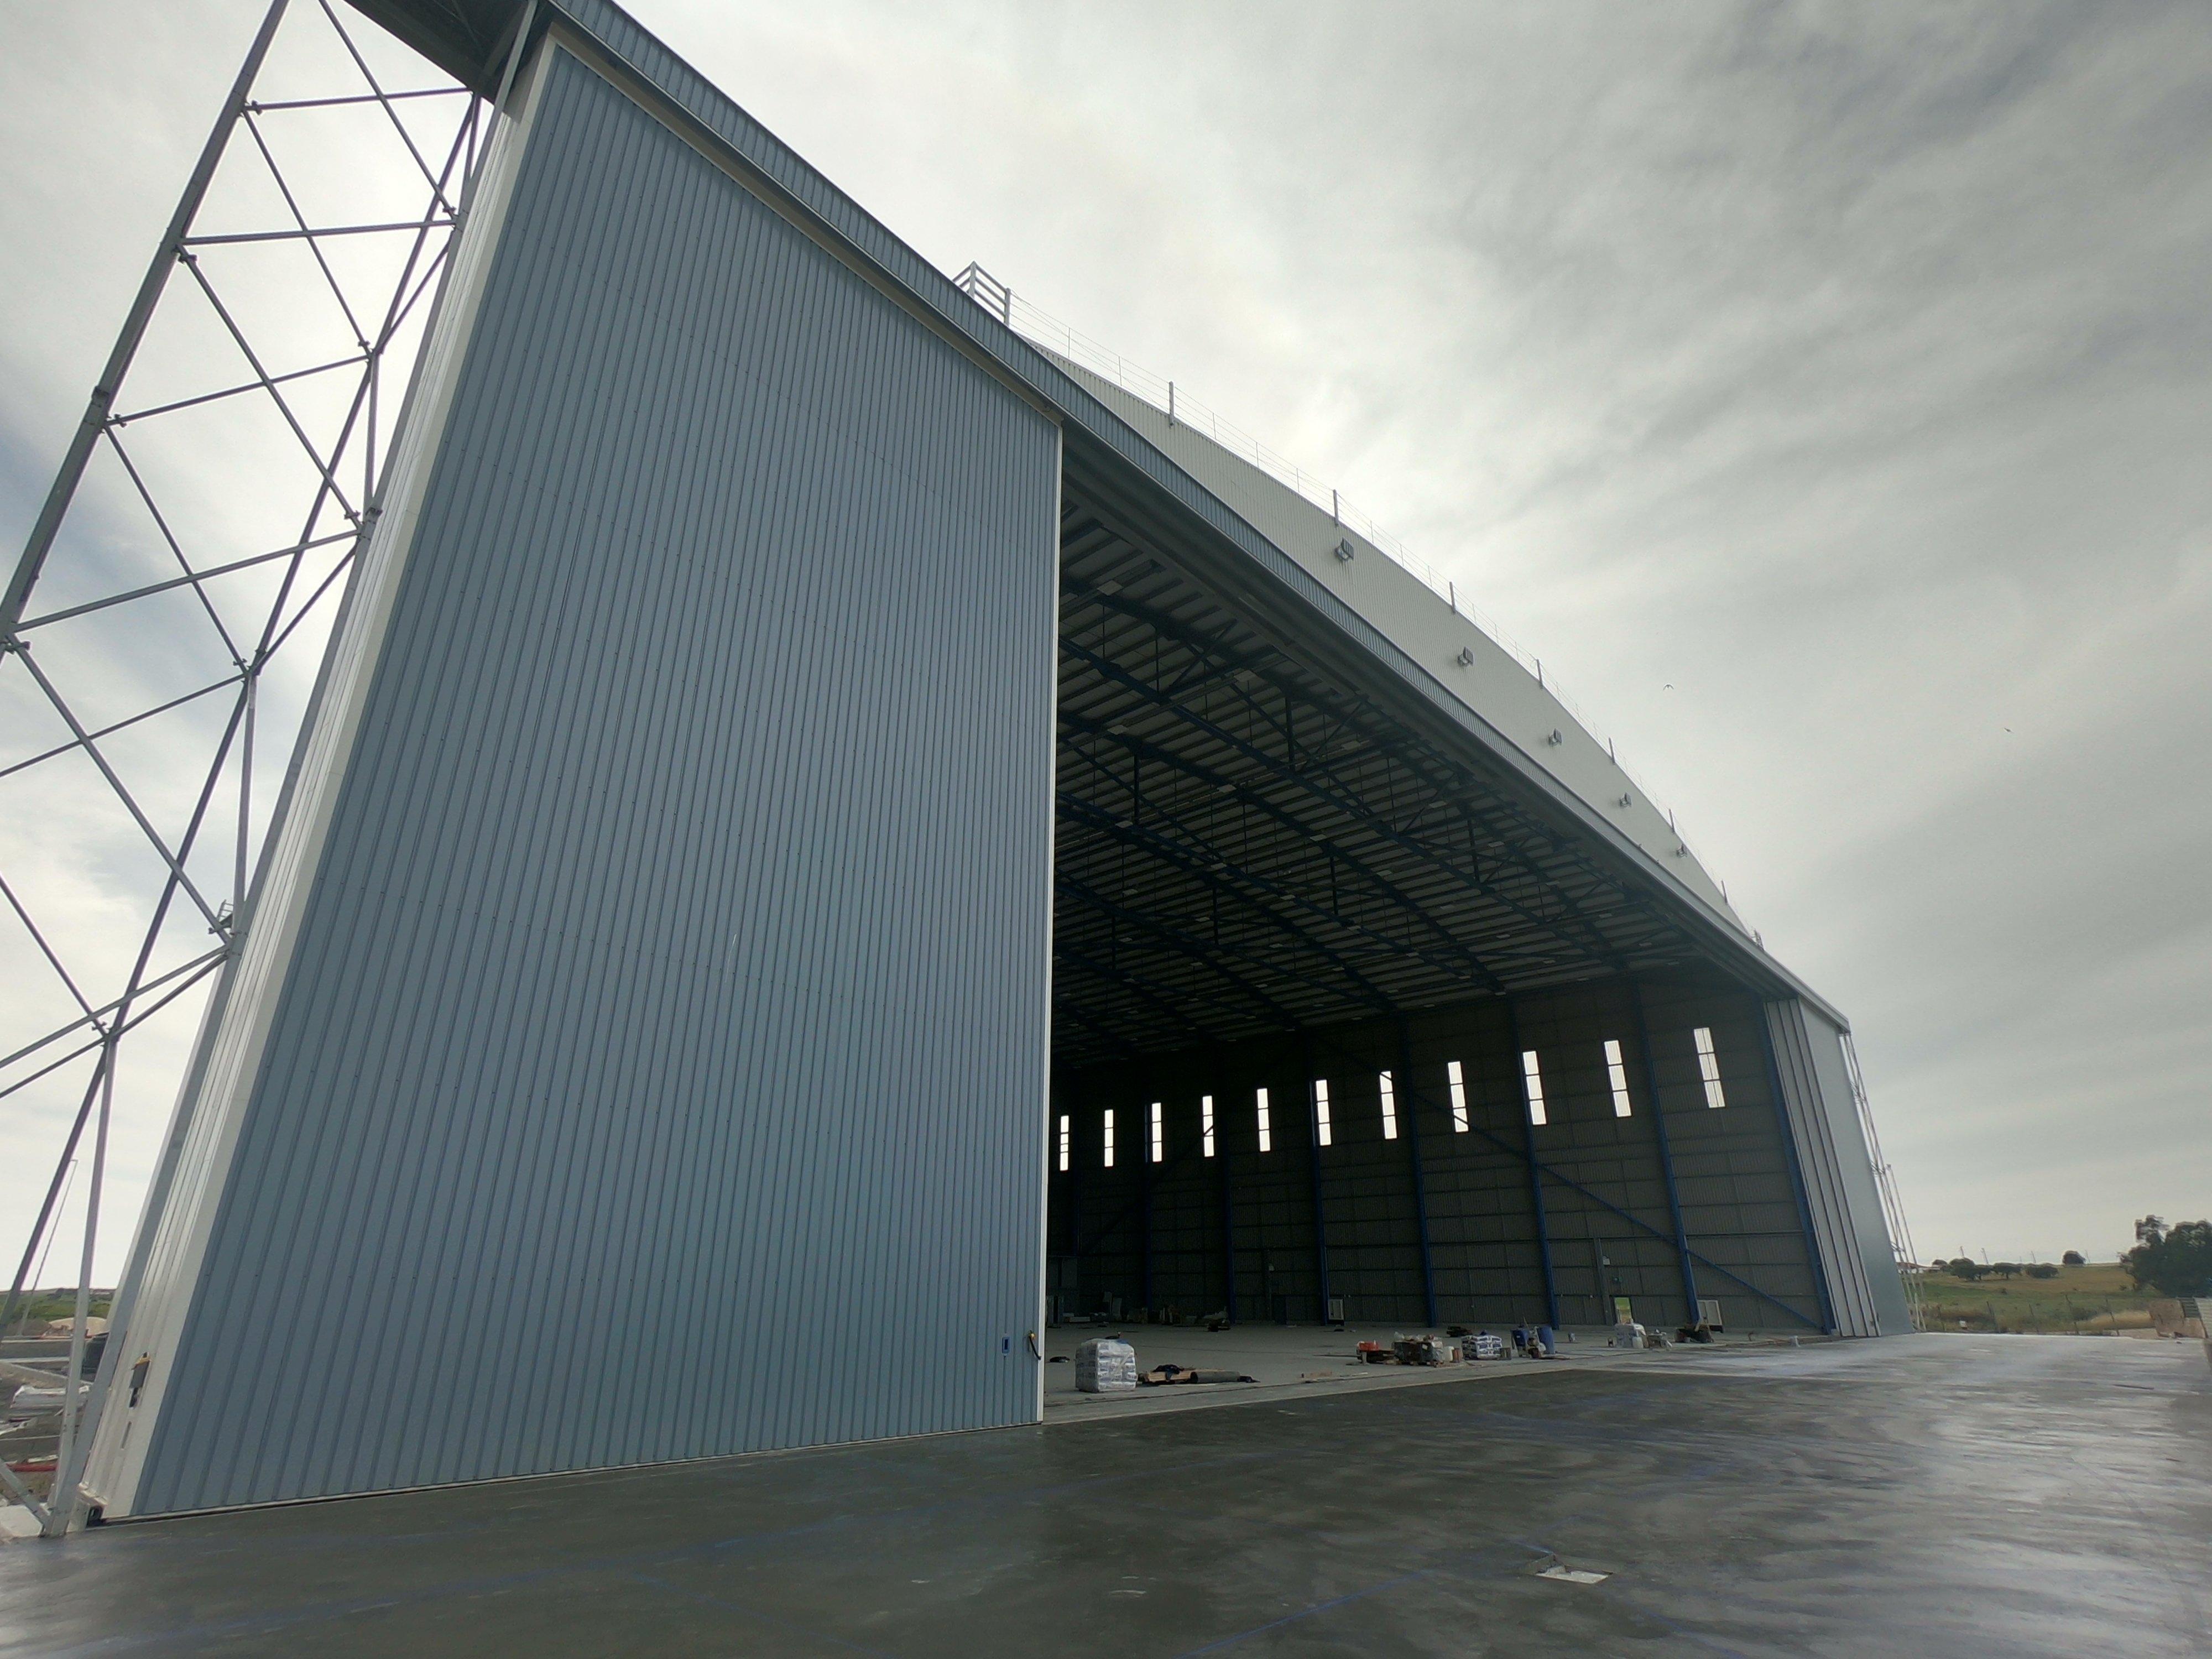 Mesa new hangar is growing fast